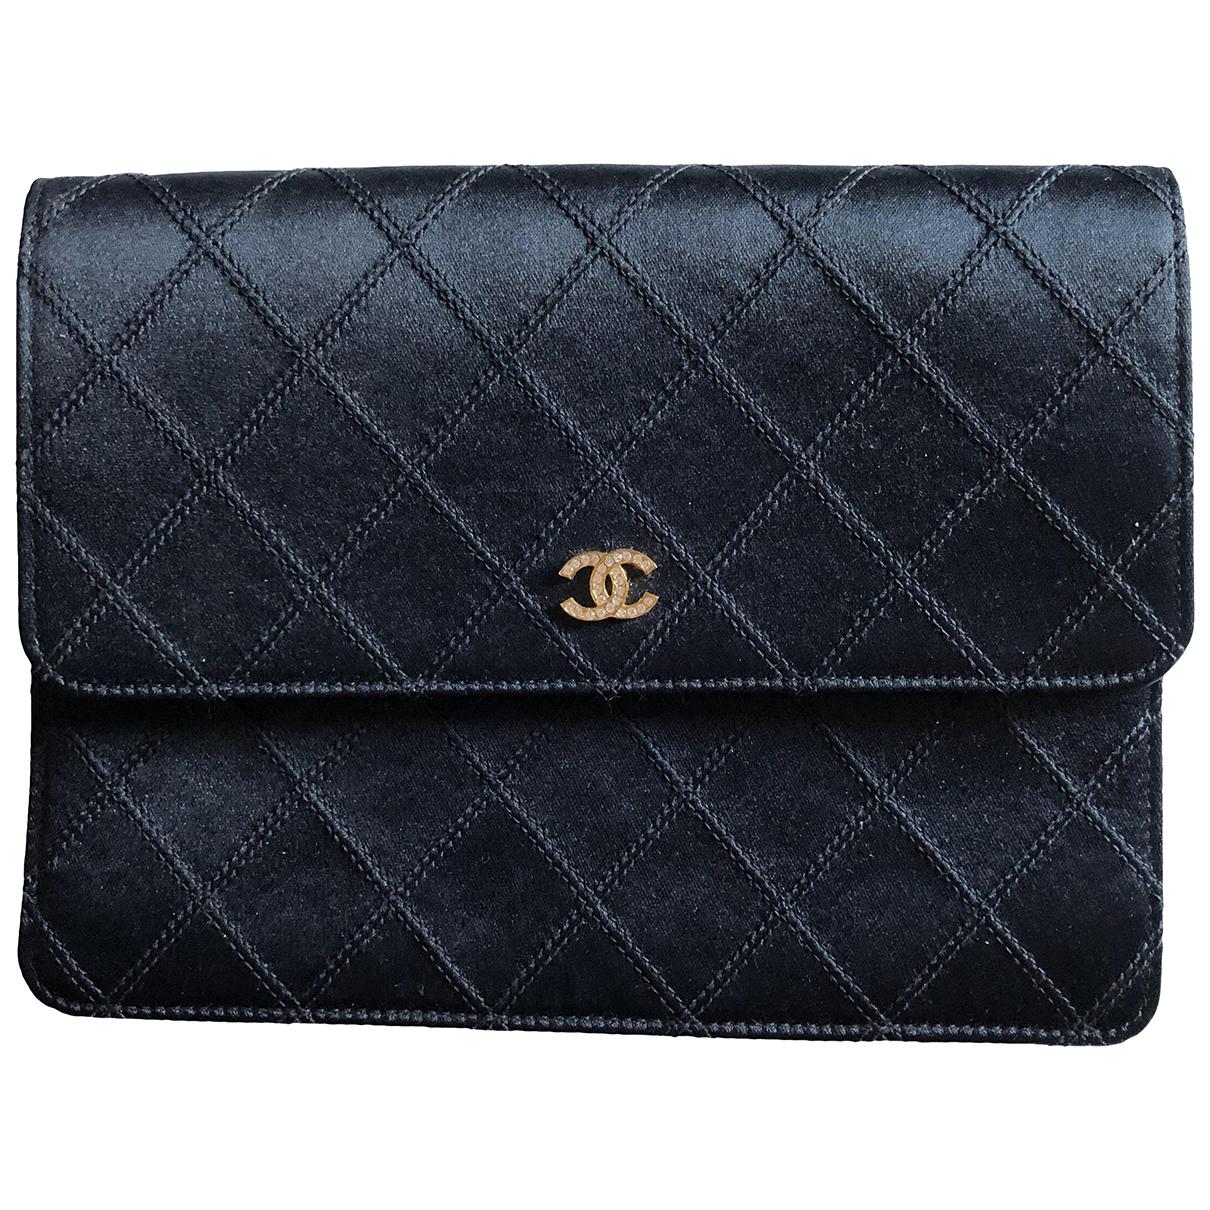 Chanel \N Clutch in  Schwarz Seide